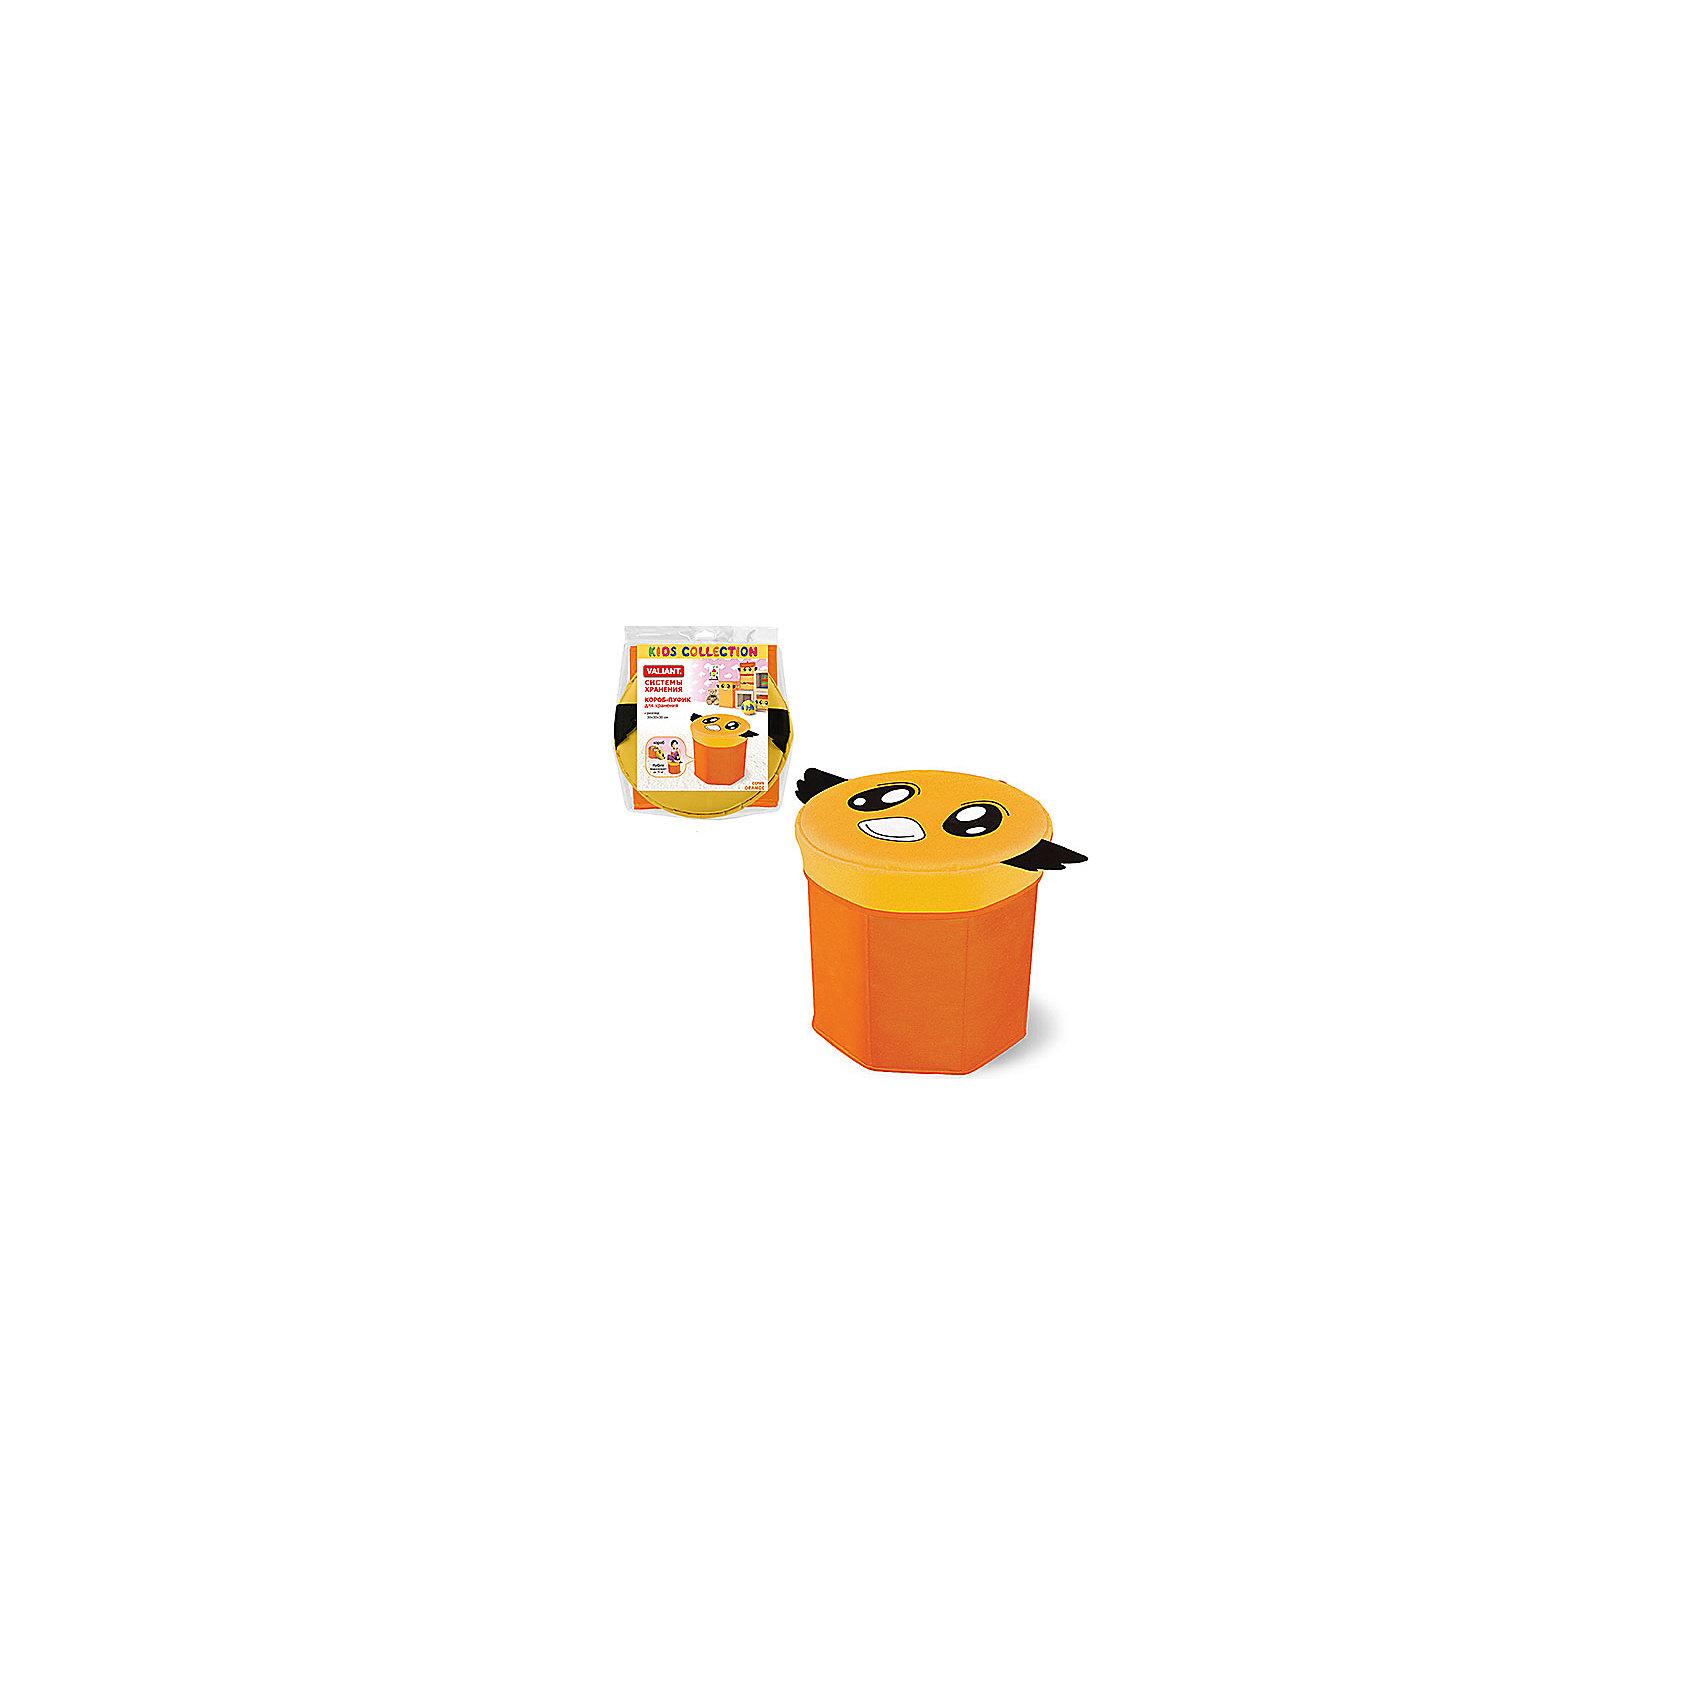 VALIANT Оранжевый короб-пуф для хранения 30*30*30 см купить экран короб в спб адреса